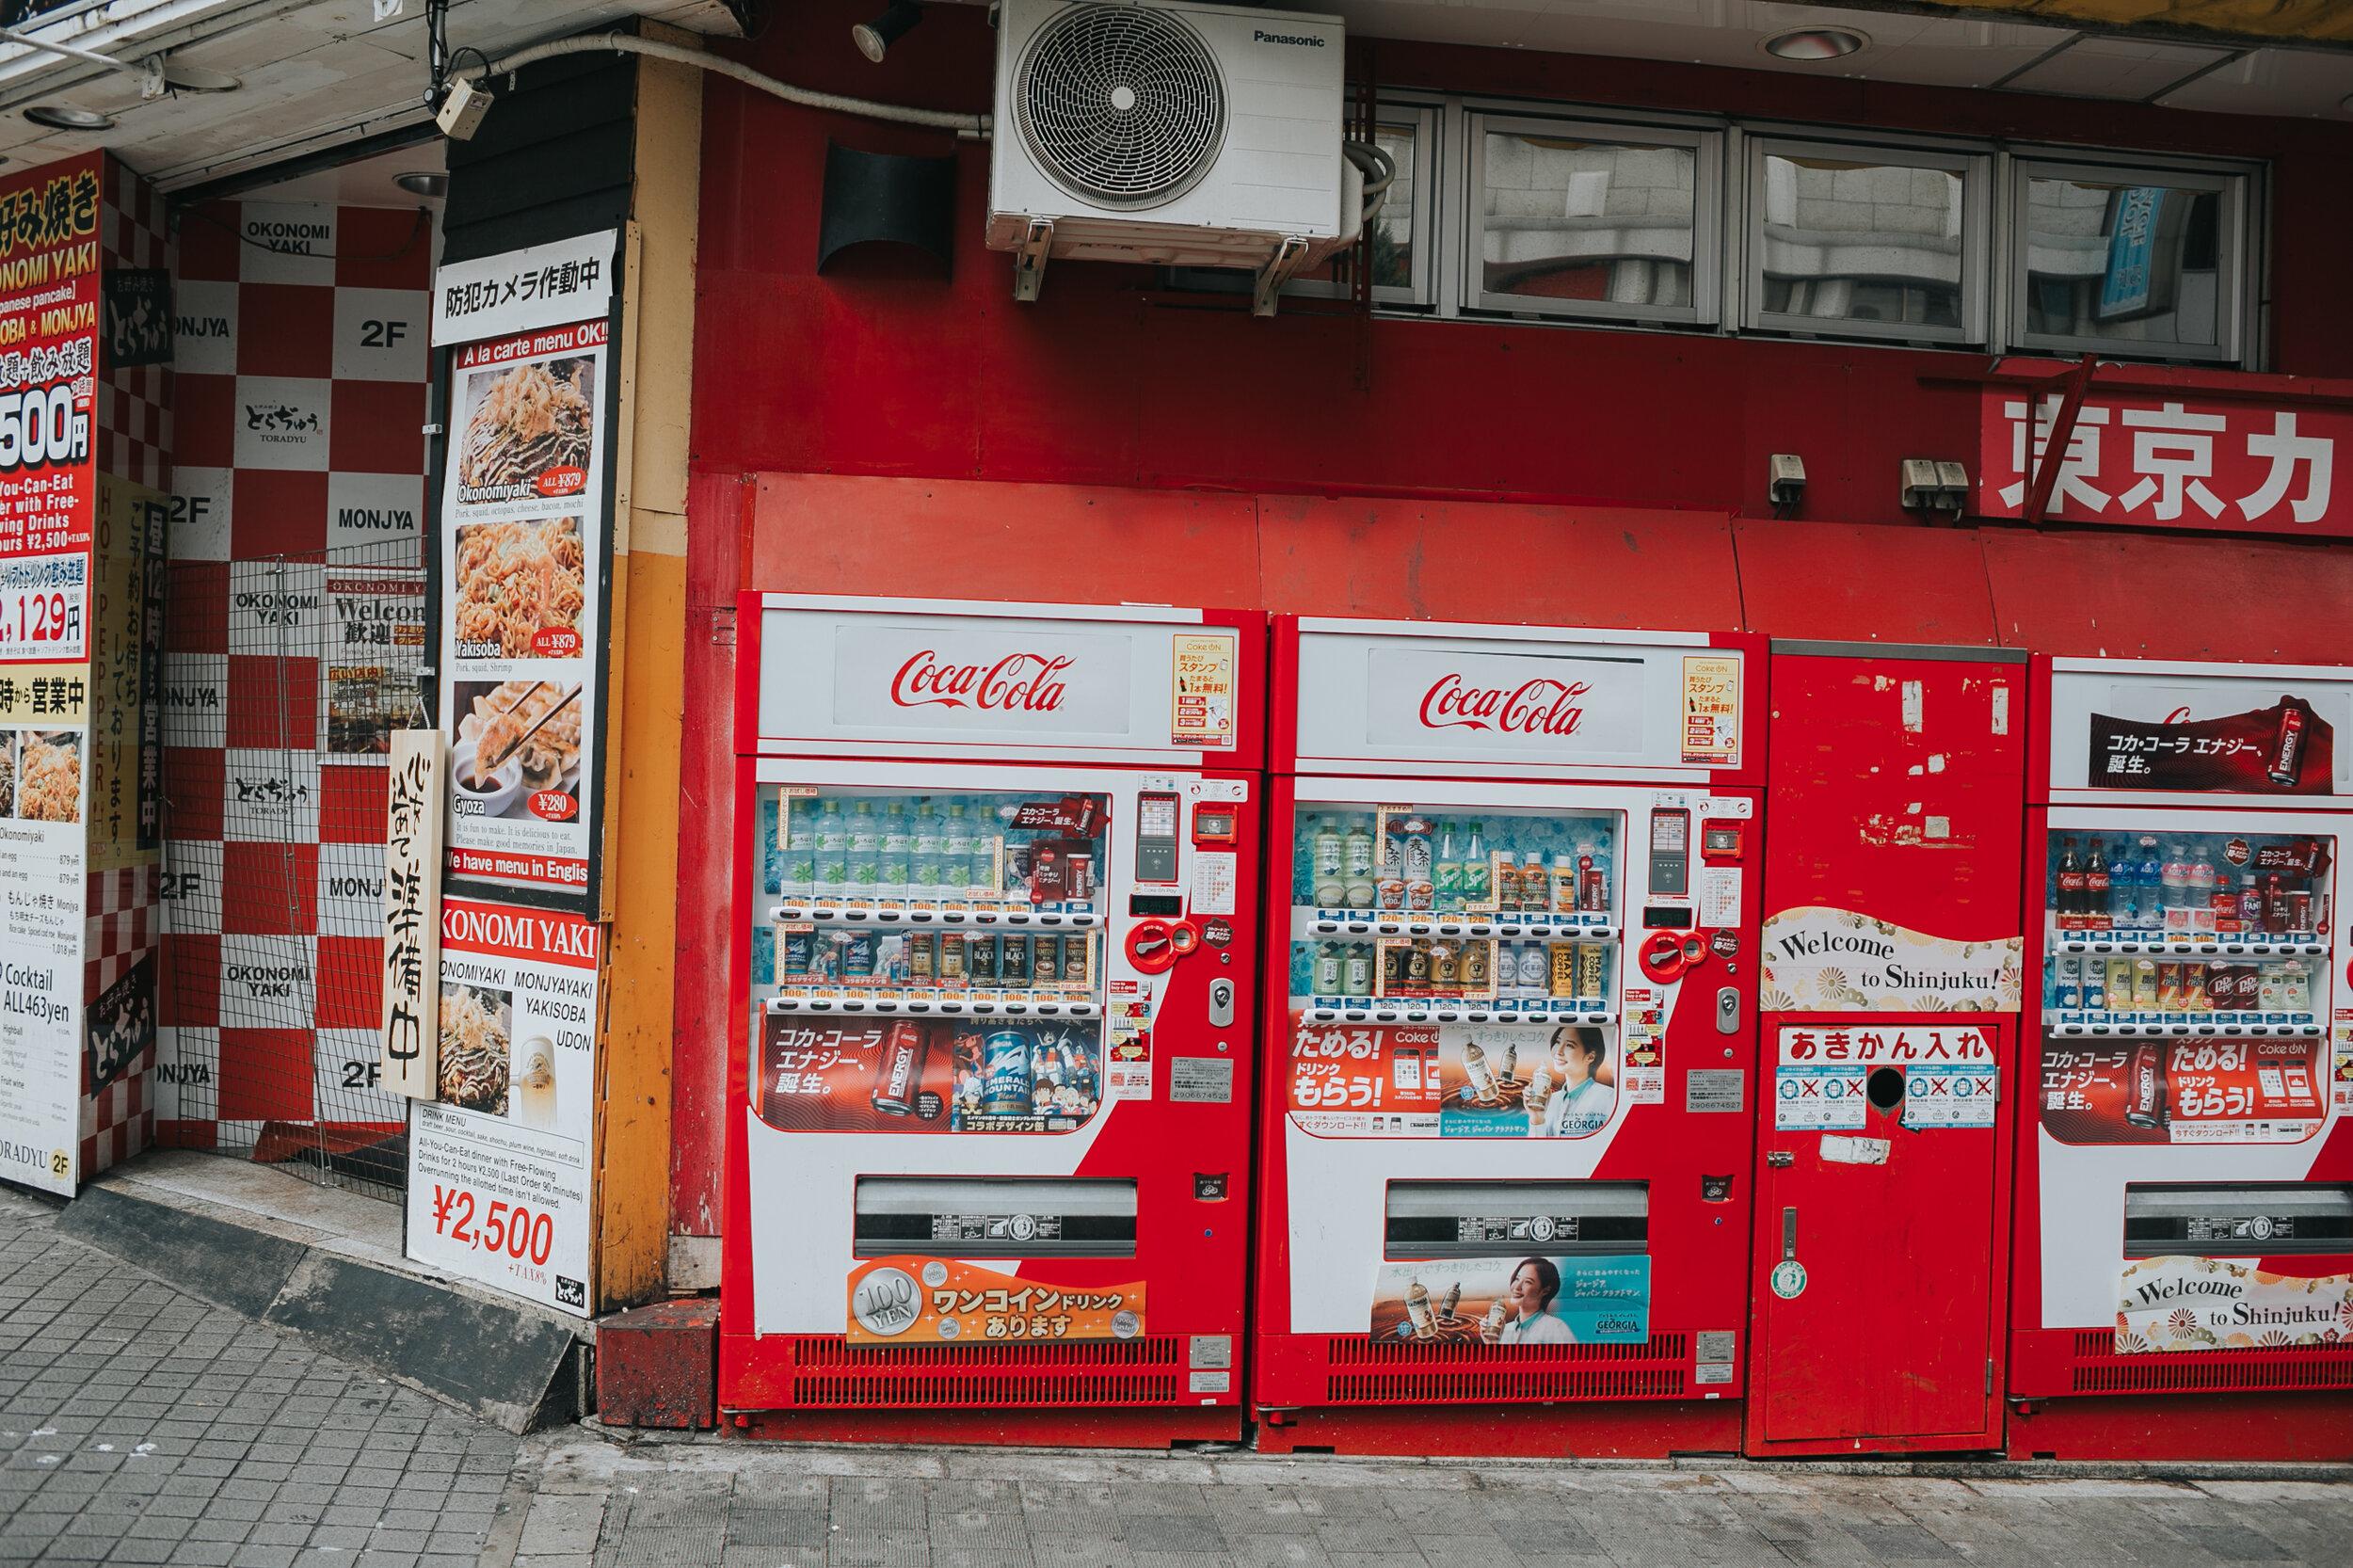 tokyo sept 2019-38.jpg